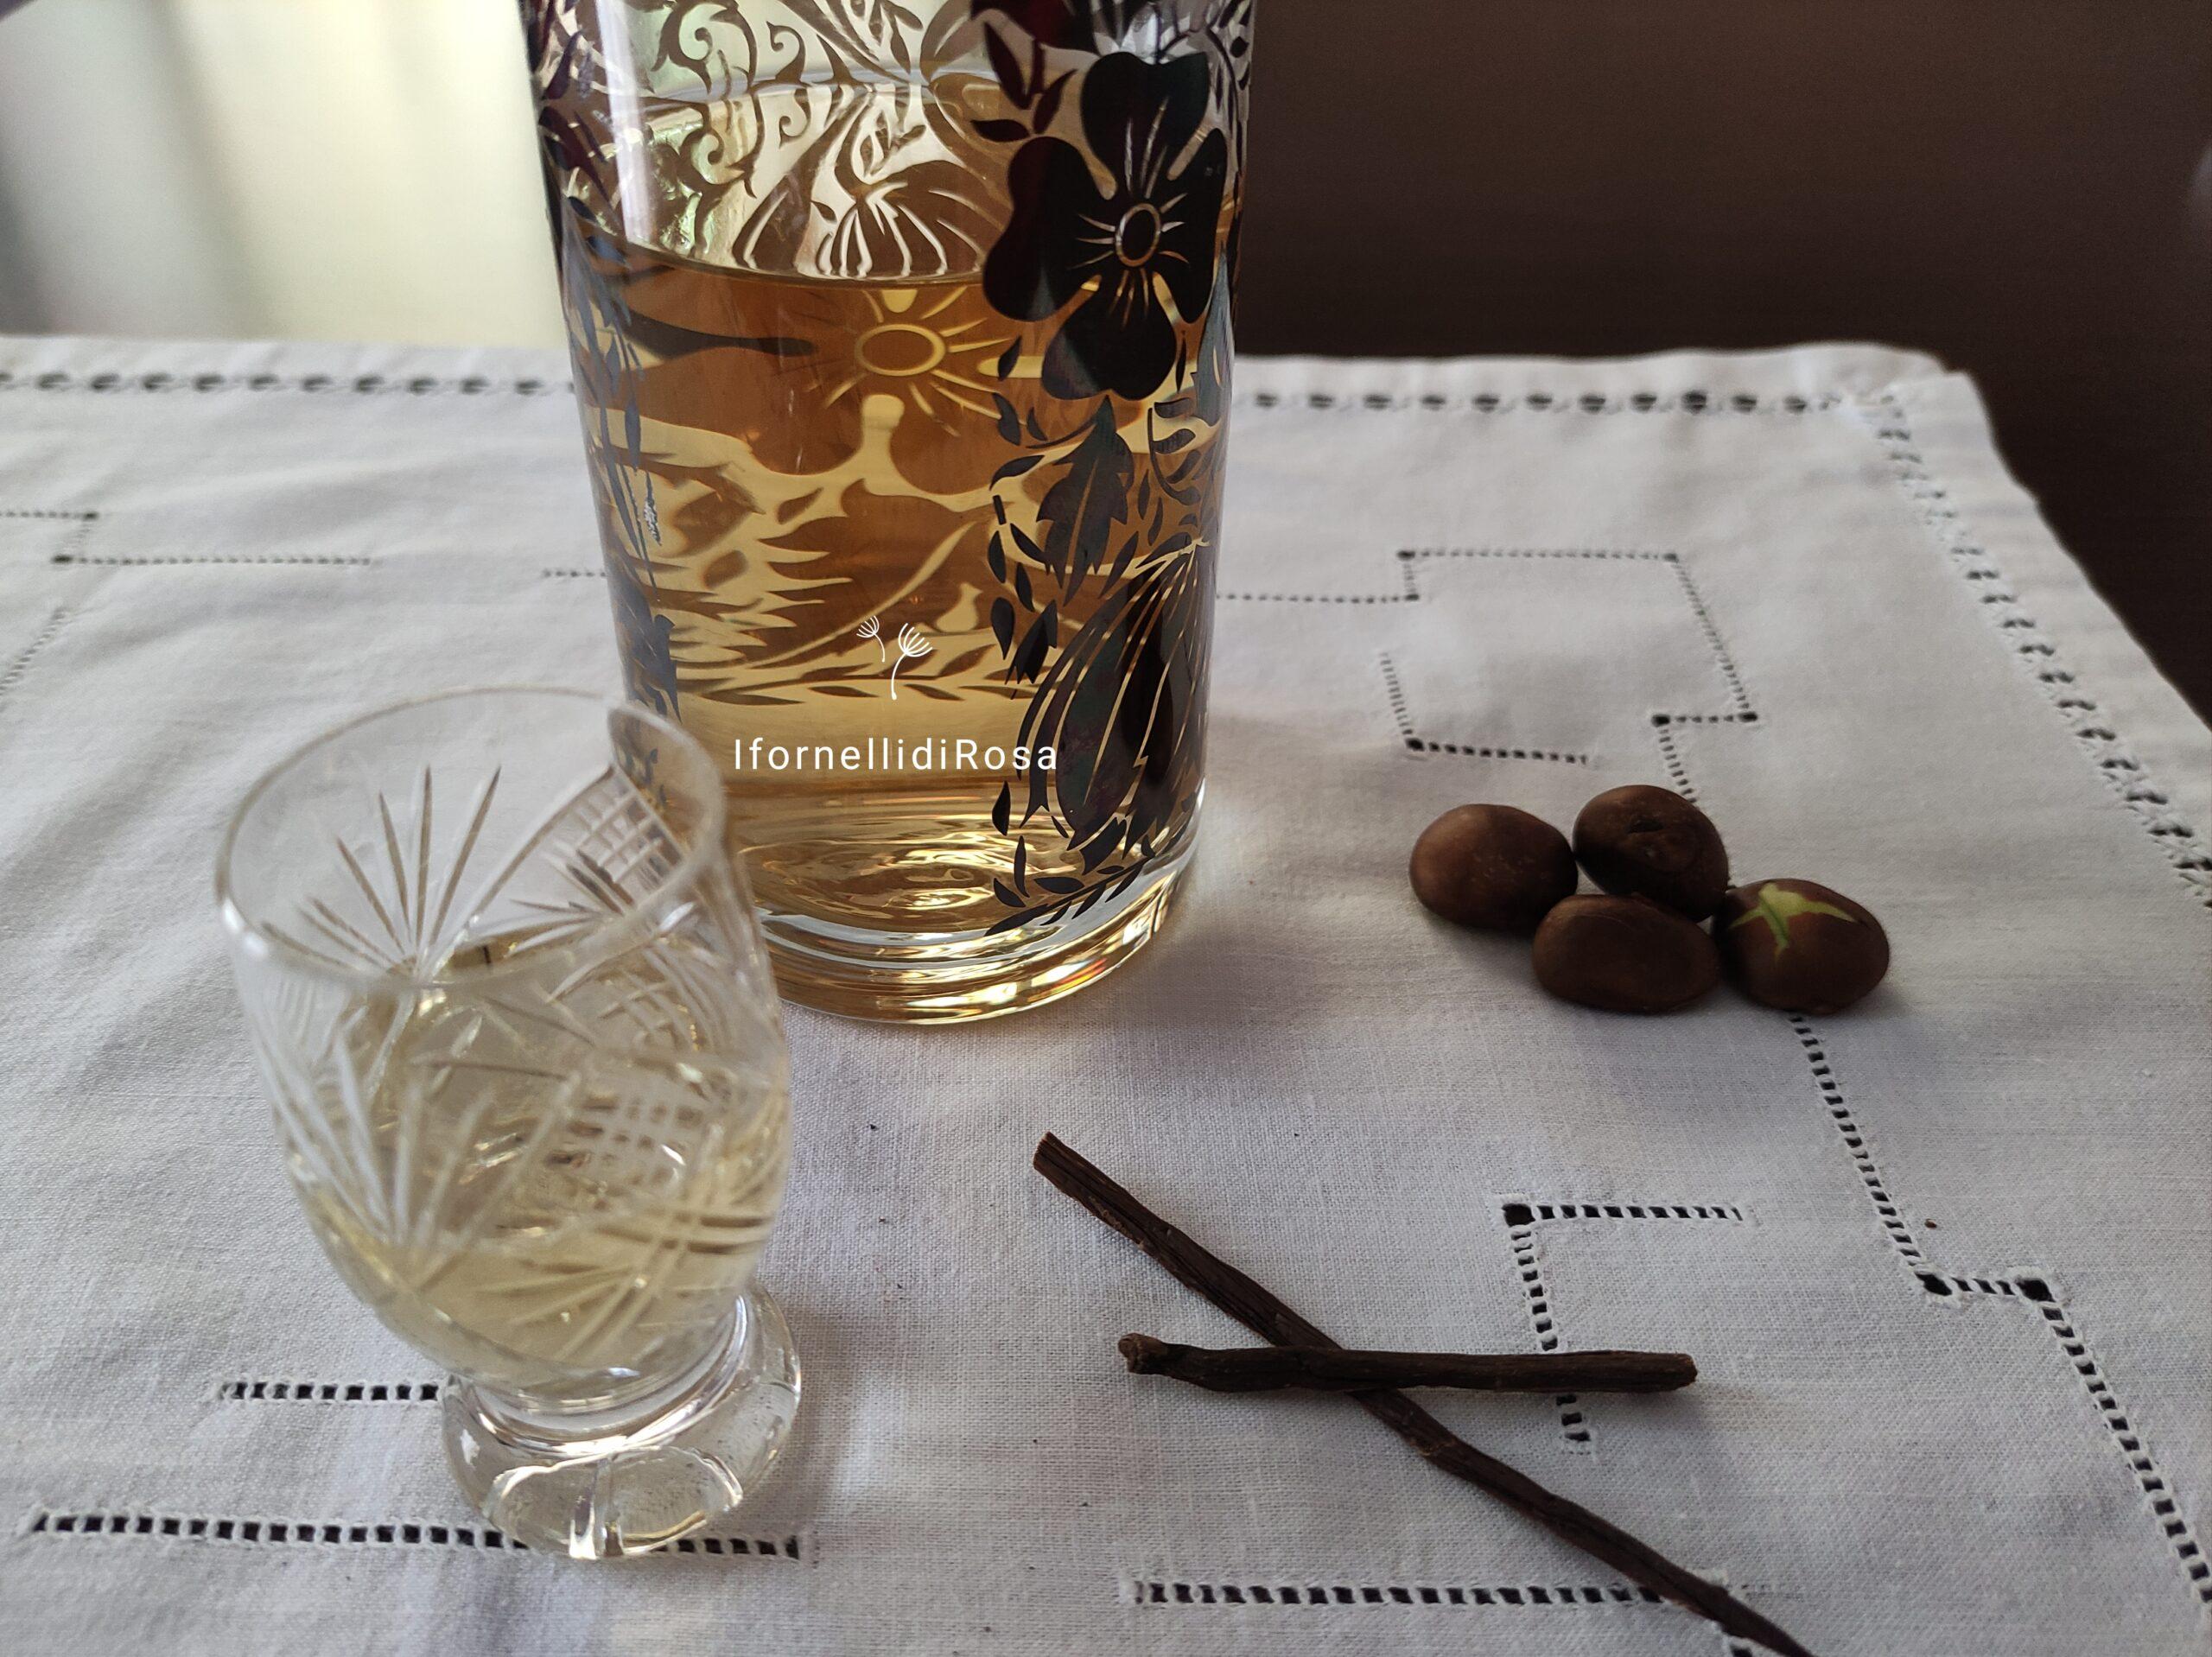 Liquore nespolino con noccioli di nespolo